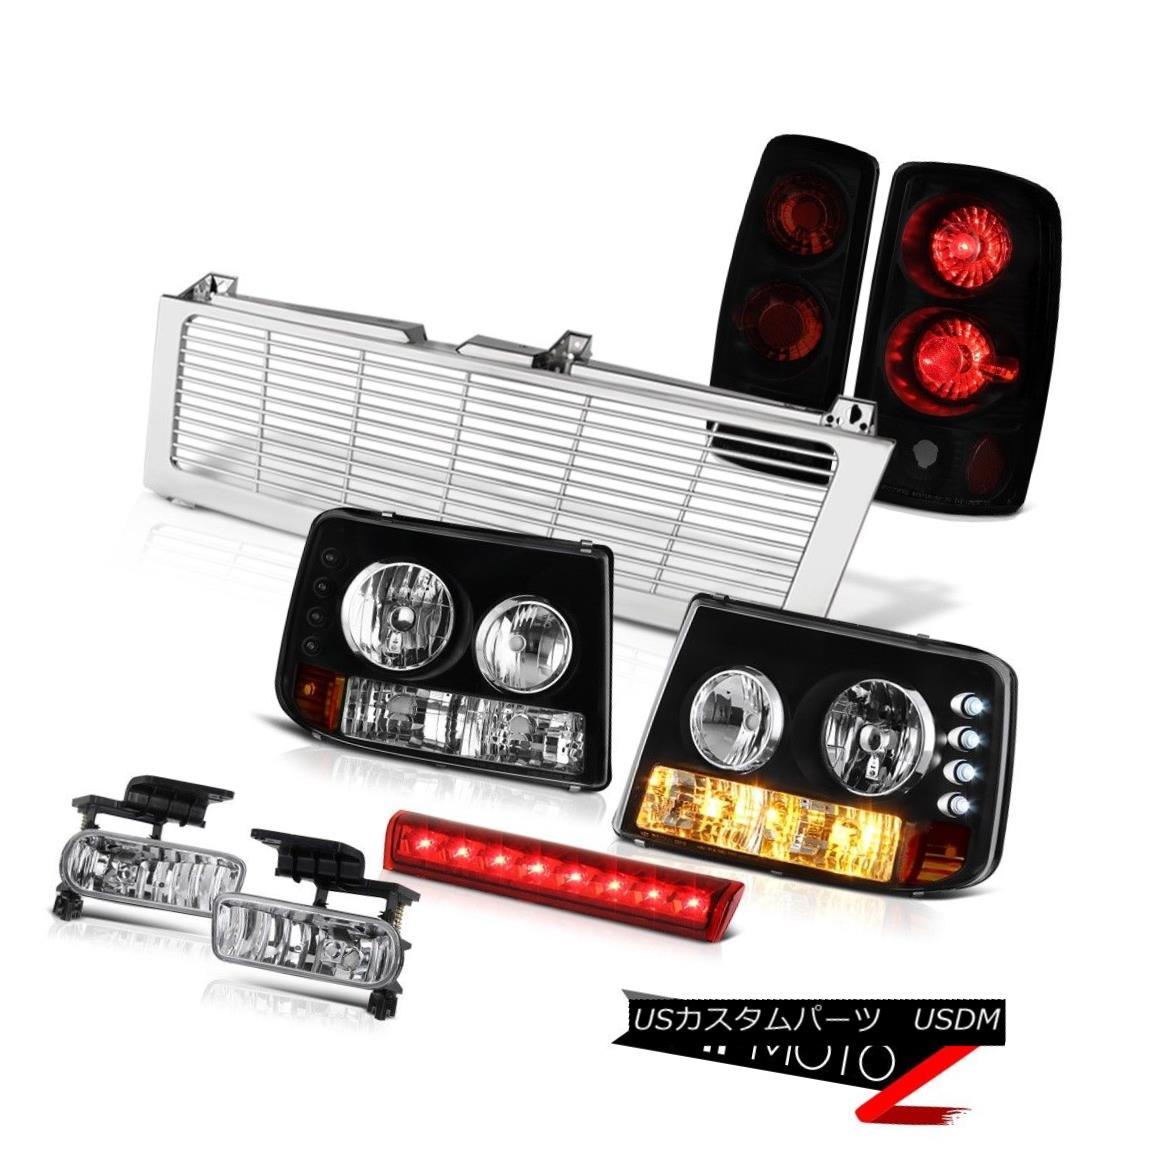 ヘッドライト 00-06 Suburban 6.0L Clear Bumper Headlights TailLights Fog Wine Brake LED Grille 00-06郊外6.0LクリアバンパーヘッドライトテールライトフォグワインブレーキLEDグリル